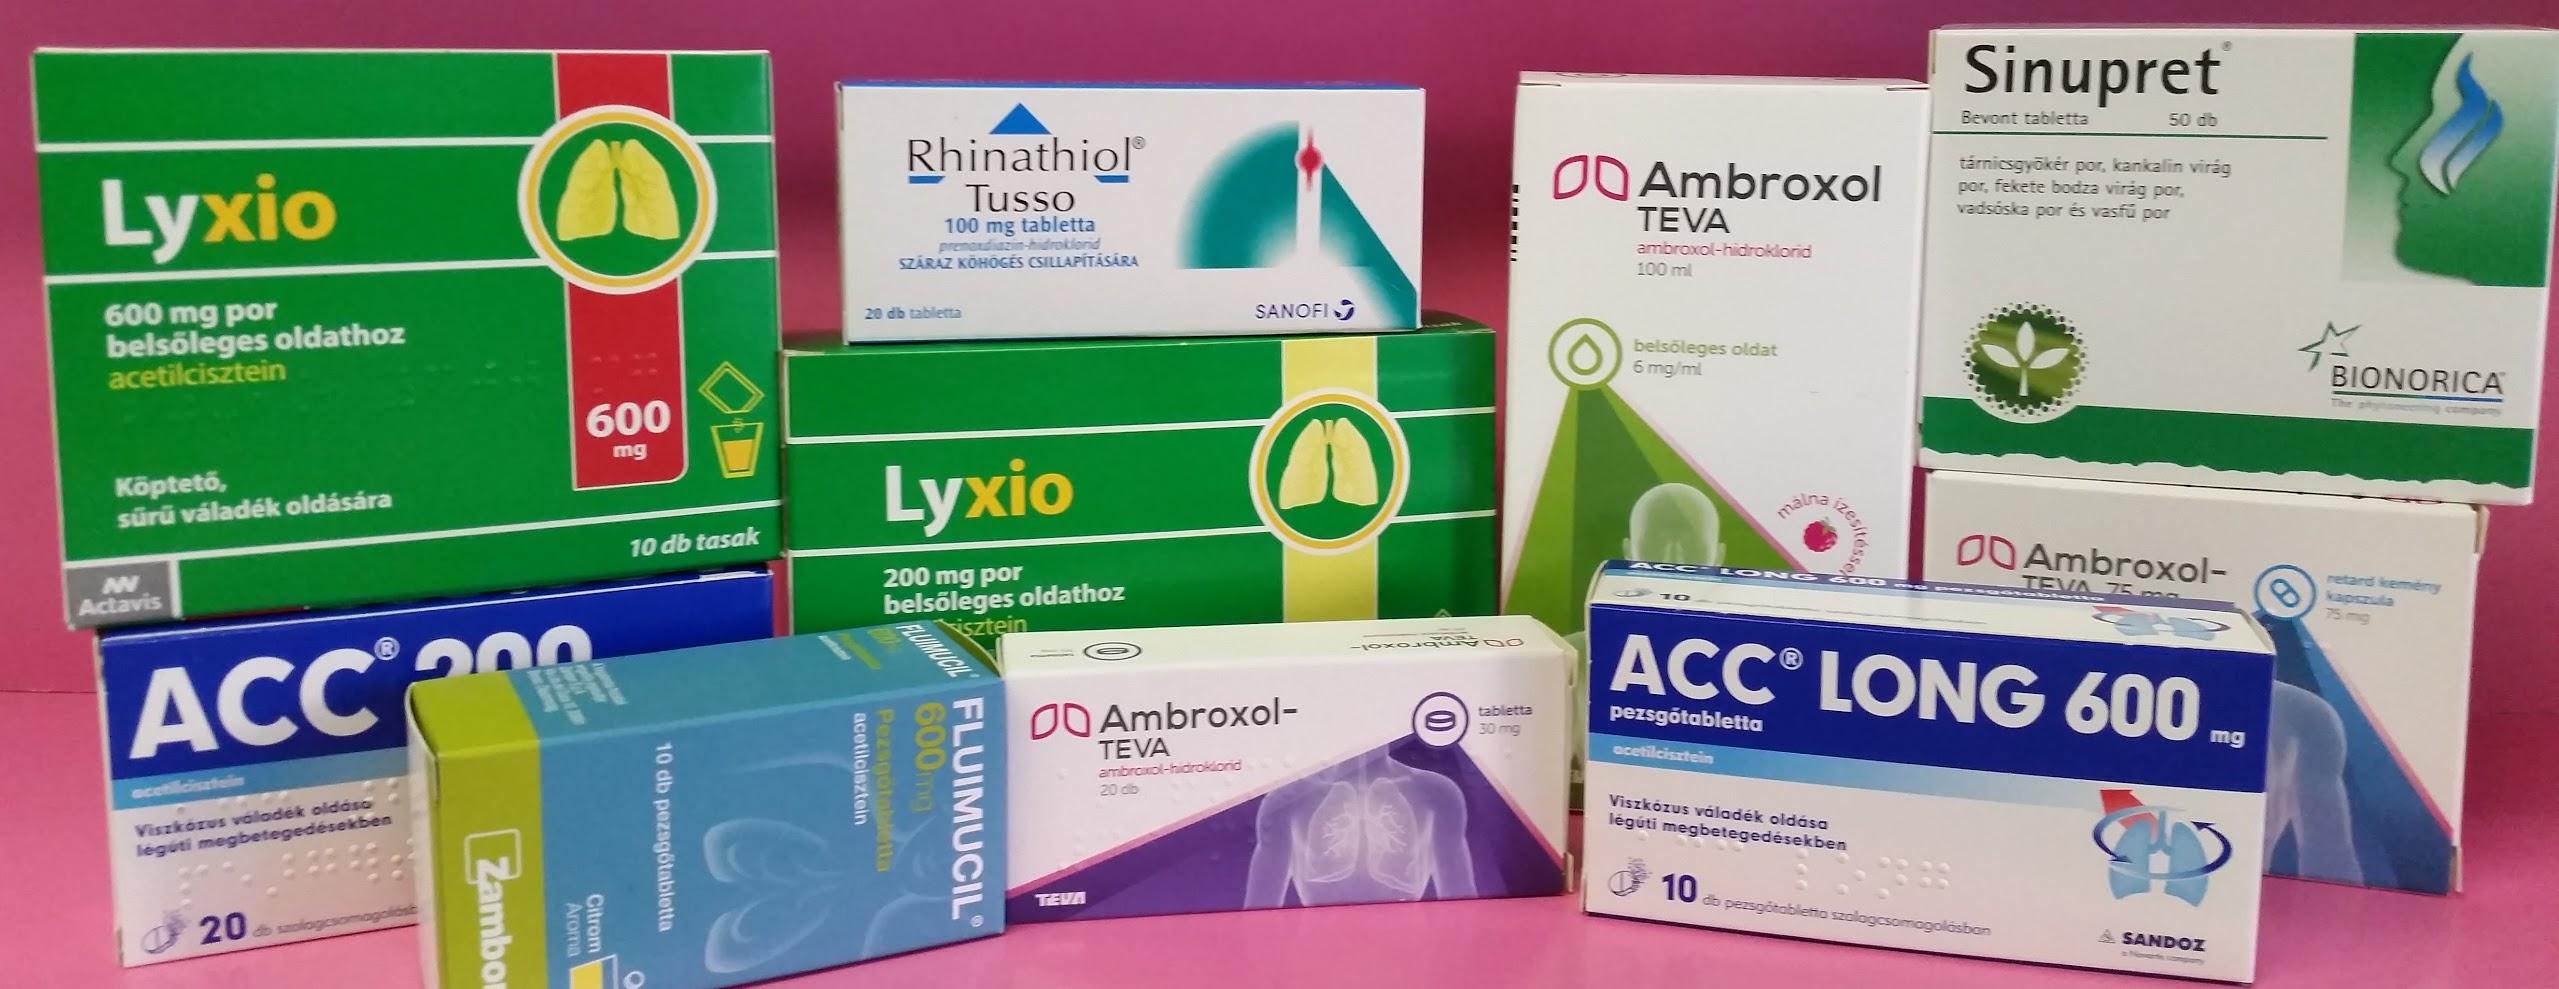 magas vérnyomás és cukor elleni gyógyszerek depresszió és magas vérnyomás elleni gyógyszerek